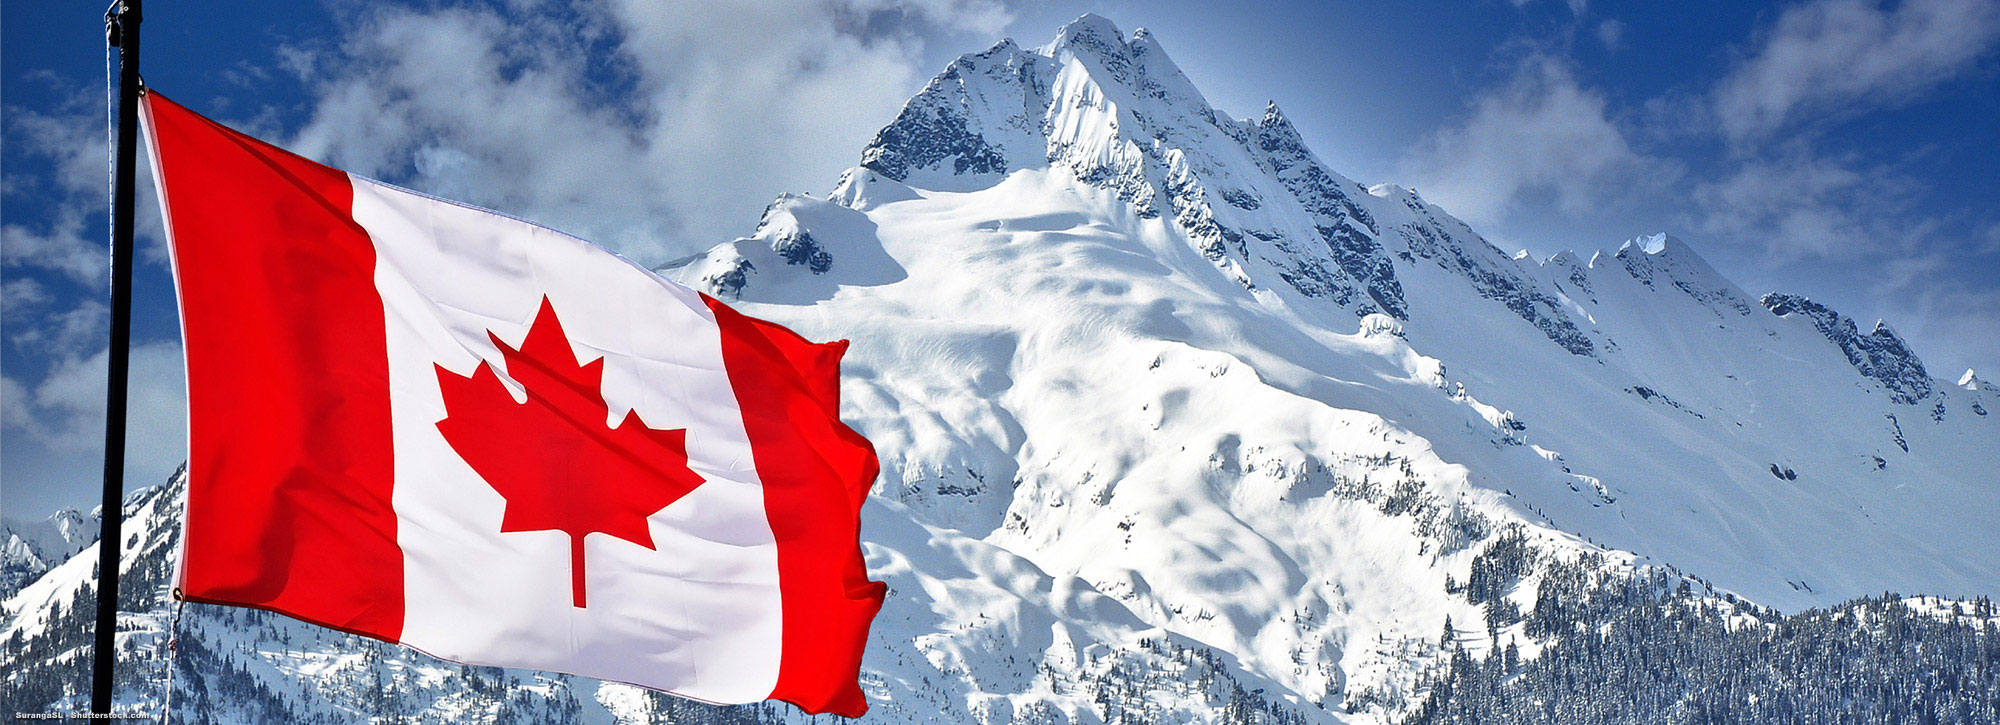 Séjours linguistiques Canada, cours d'anglais Canada